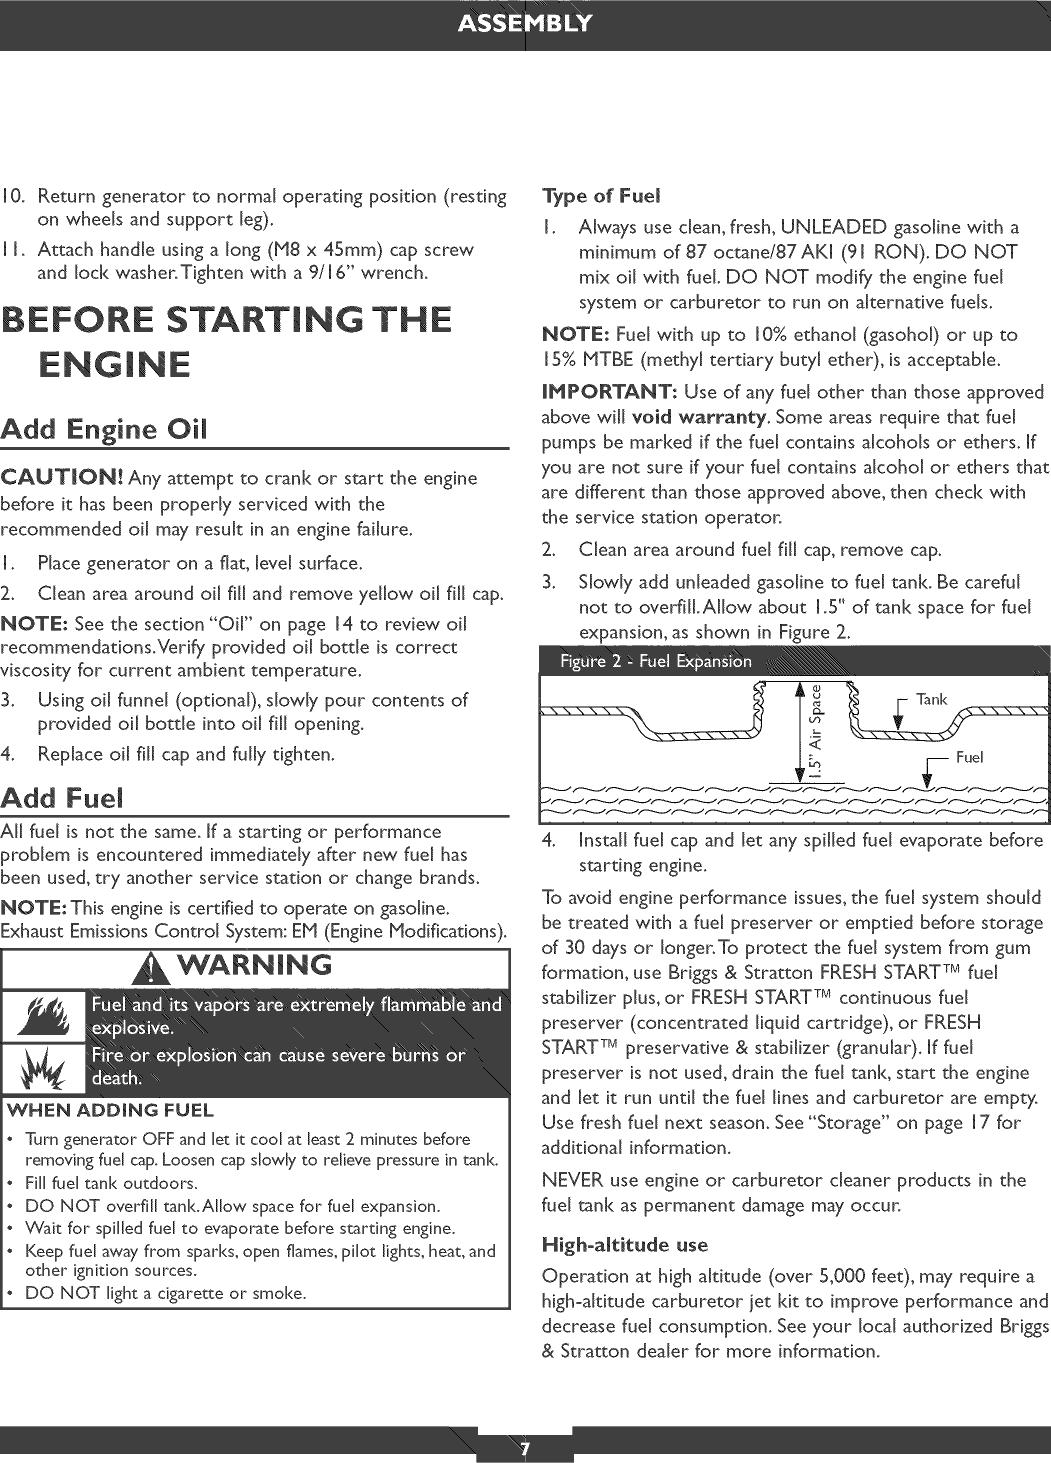 Briggs & Stratton 030319 User Manual PORTABLE GENERATOR